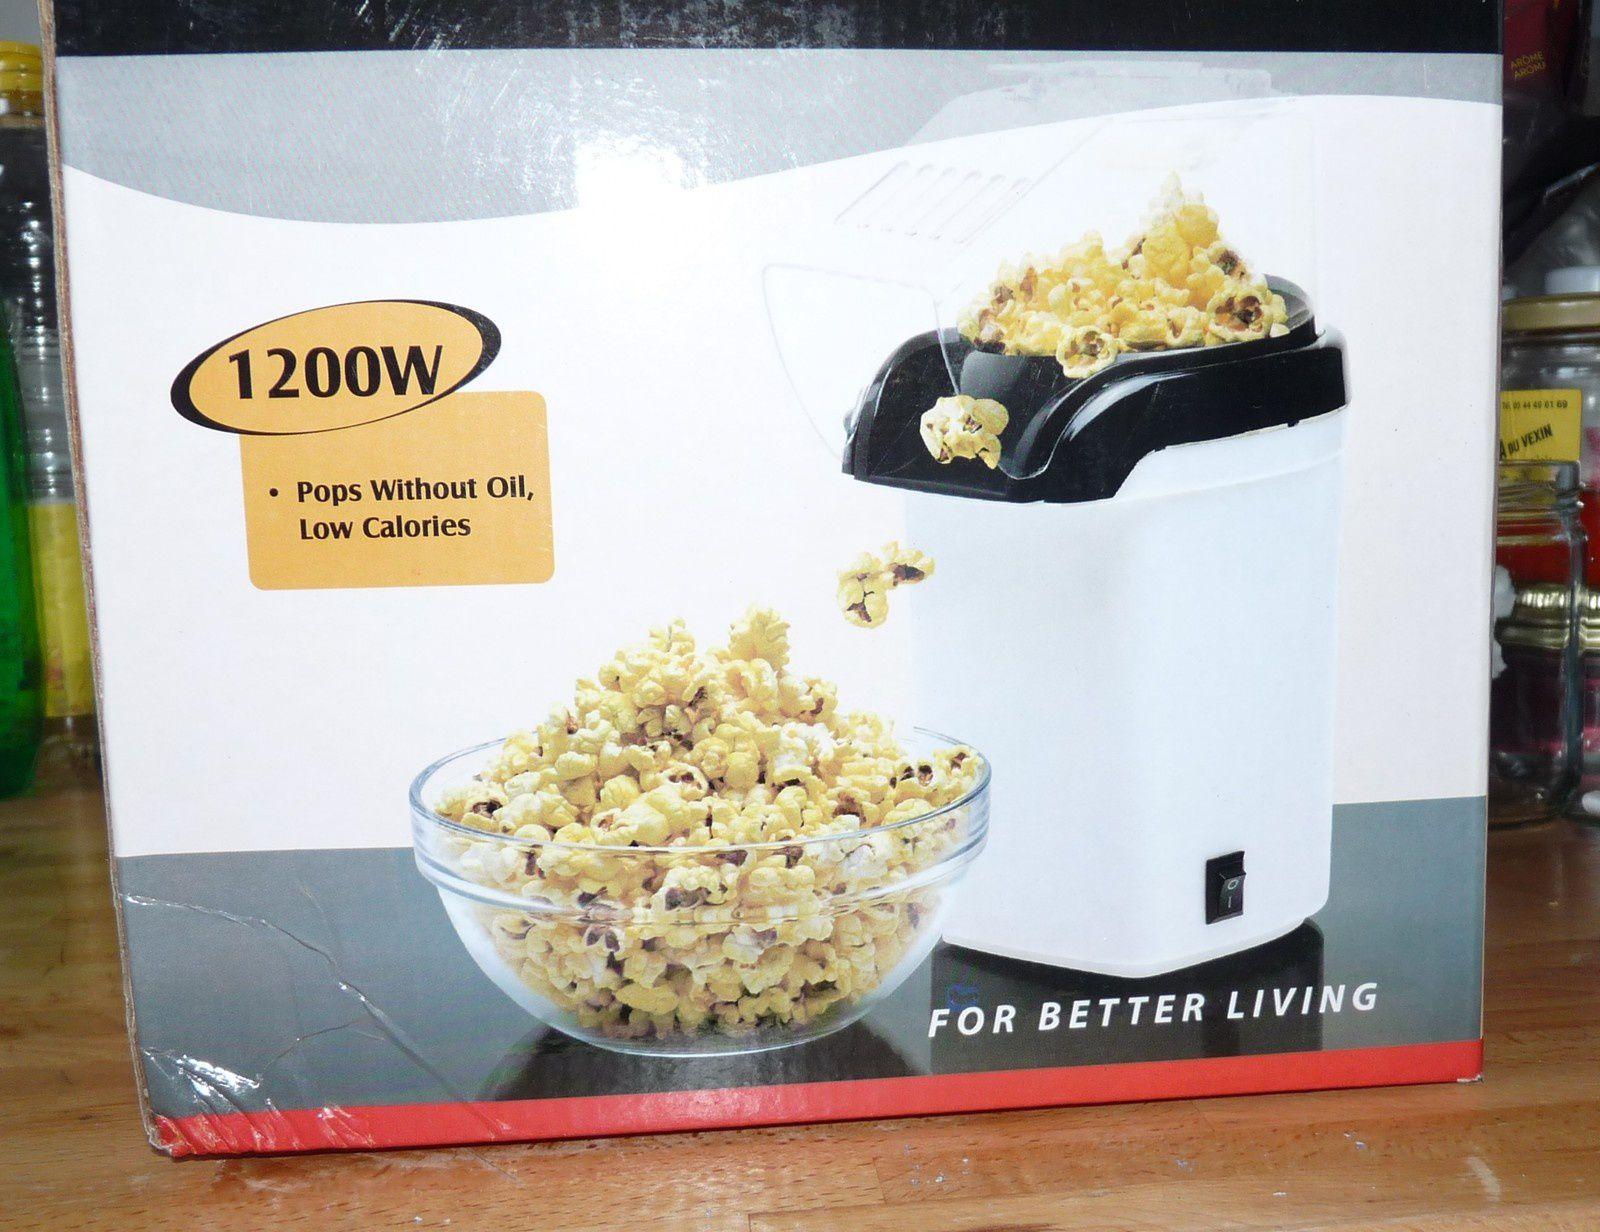 Et pour finir la soirée devant la TV j'inaugure mon appareil à Pop Corn !!!